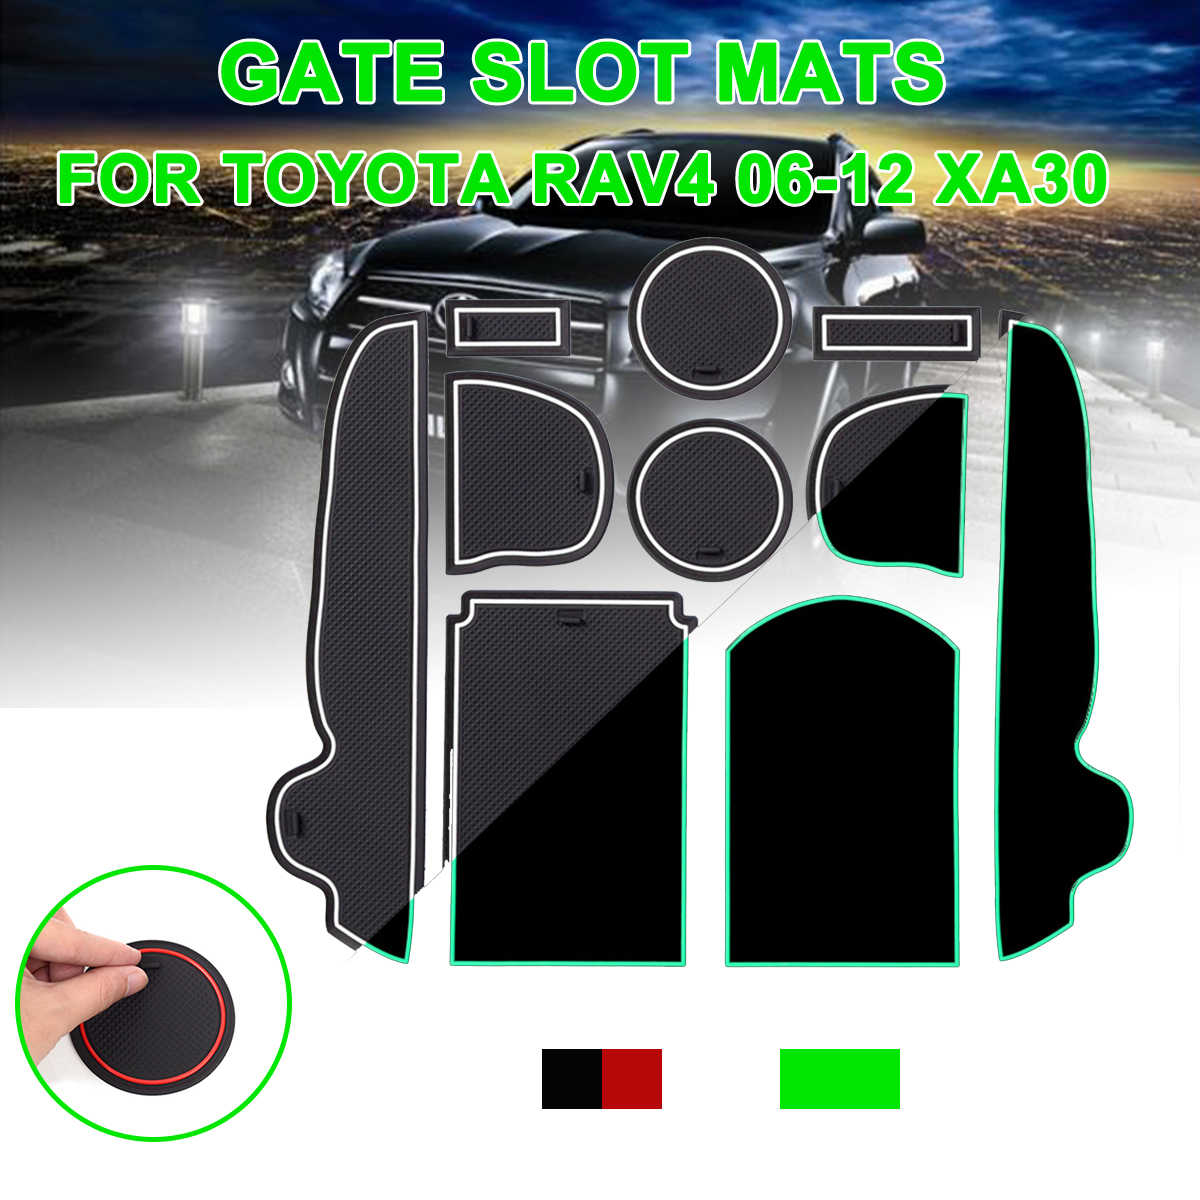 Para Toyota RAV4 2006-2012 xa30 antideslizante puerta ranura tapete de goma Coaster accesorios para RAV 4 2006 2007 2008 2009 2010 2011 2012